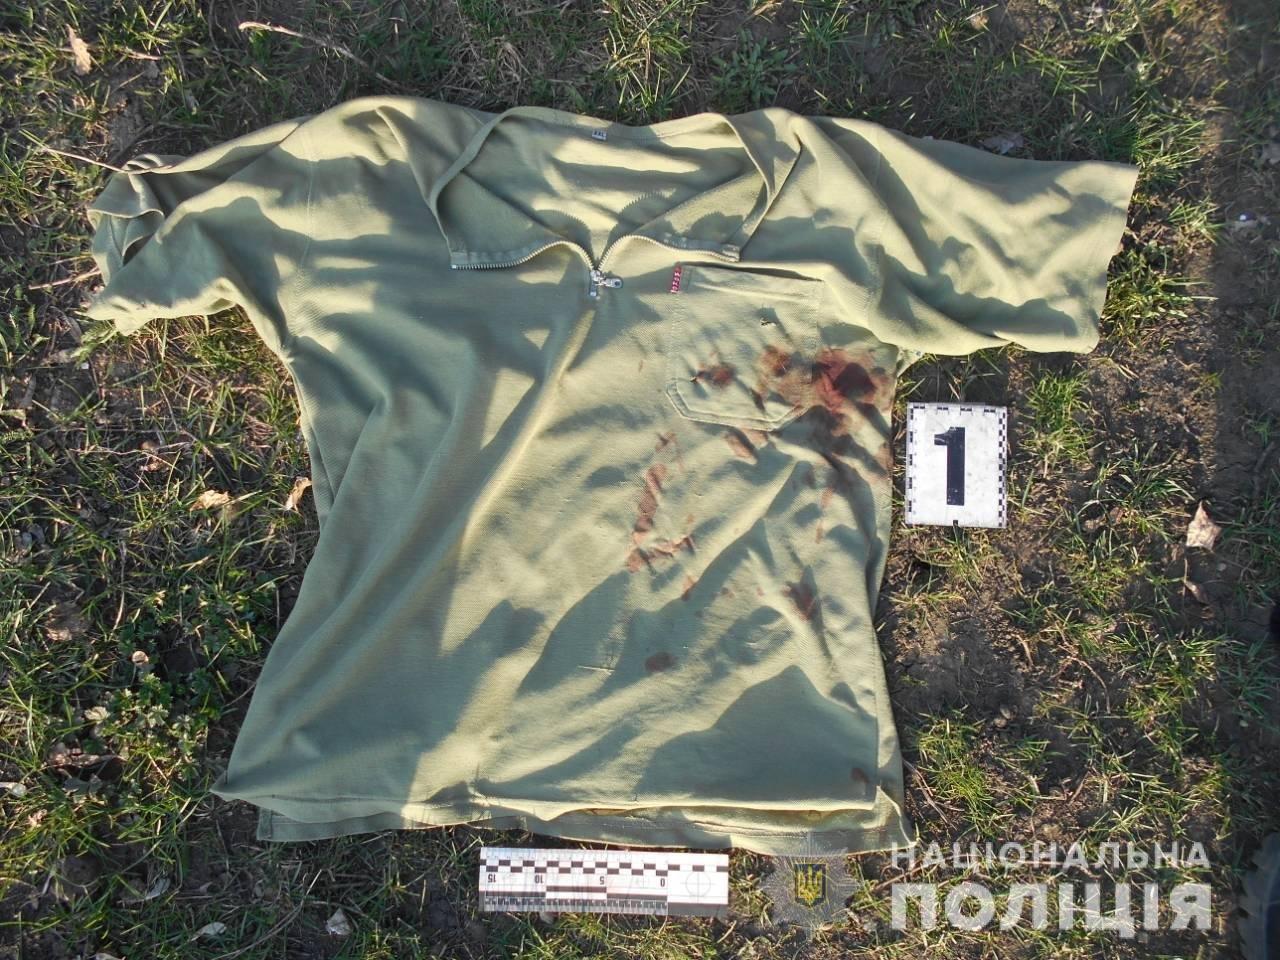 Порезал двух соседей: на Харьковщине мужчина с кухонным ножом напал на своих знакомых, - ФОТО, фото-4